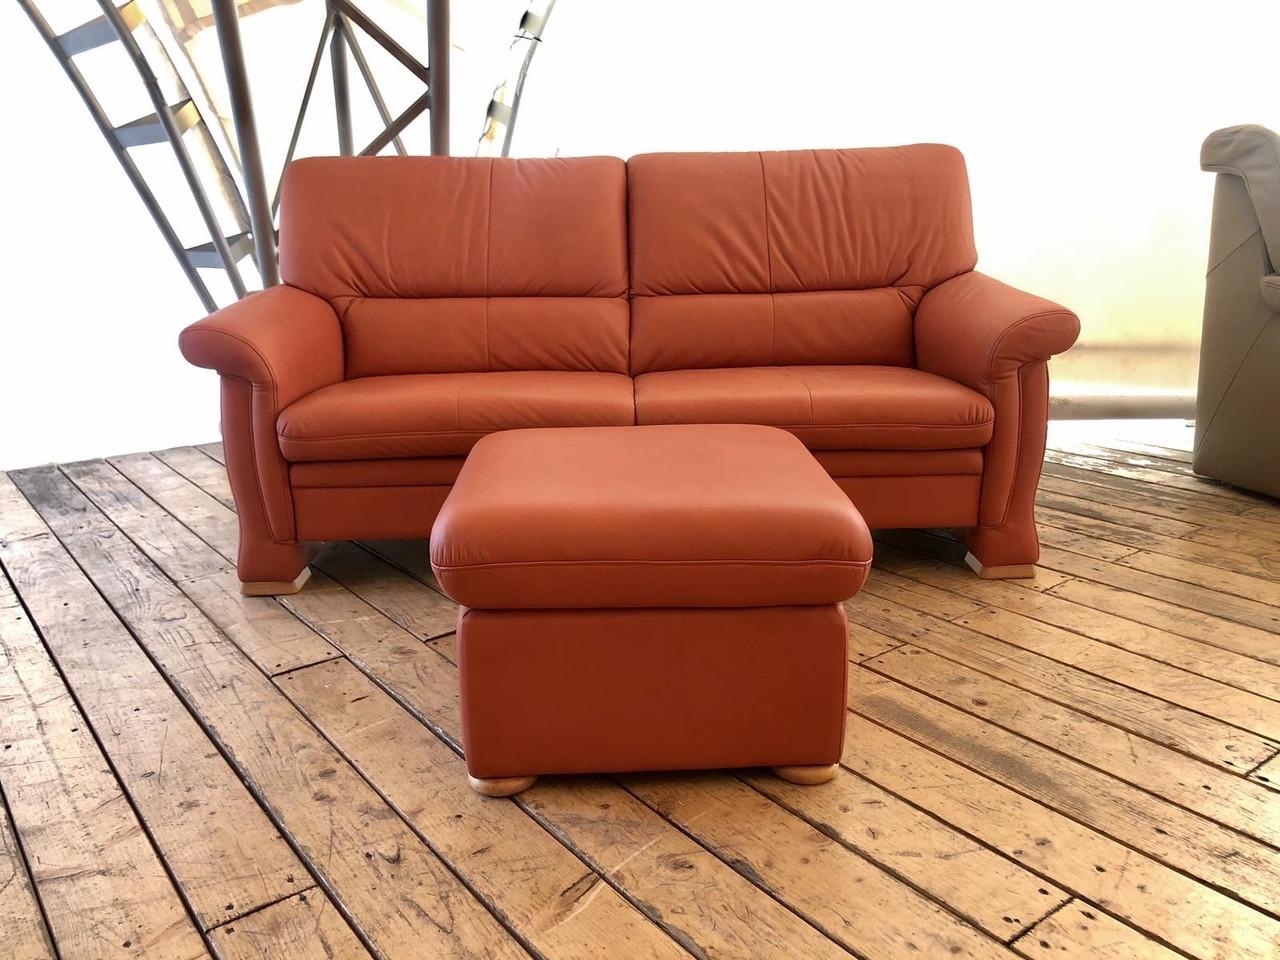 Червоний шкіряний диван із пуфом «Шик»